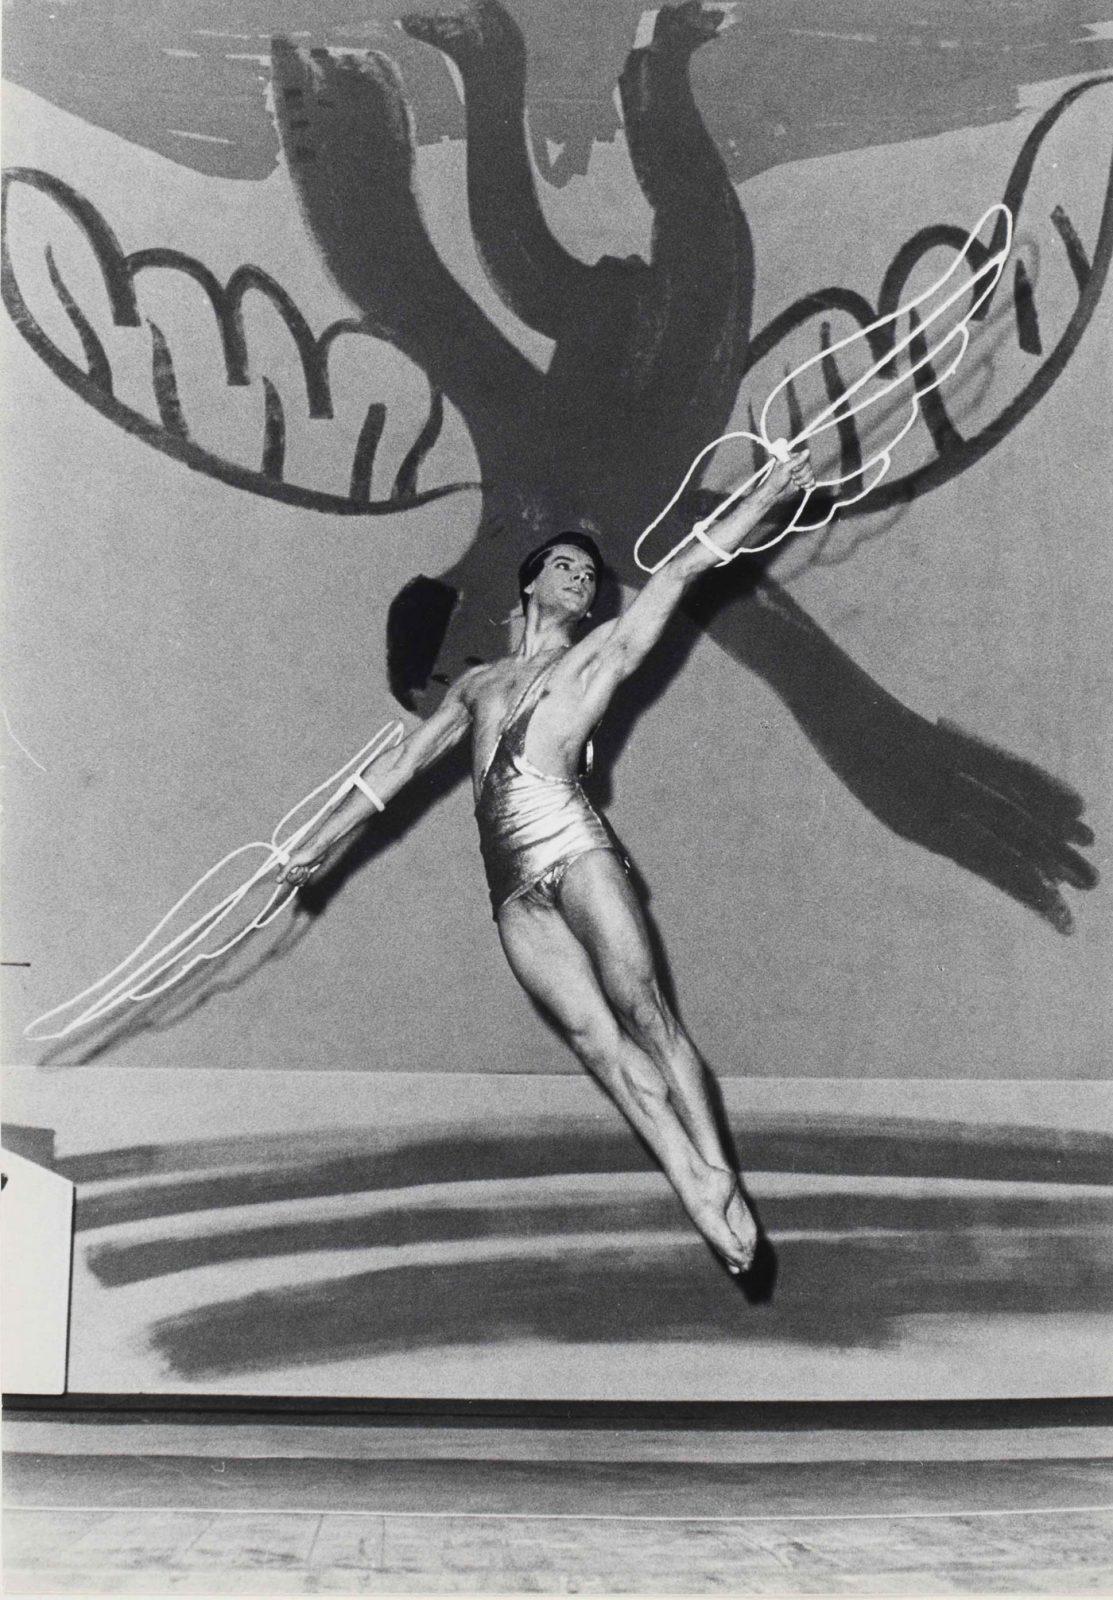 Attilio Labis in the title role of Icarus | Palais Garnier, Paris, 1962 | © Roger Pic / BnF / Bibliothèque-musée de l'Opéra © Succession Picasso 2018